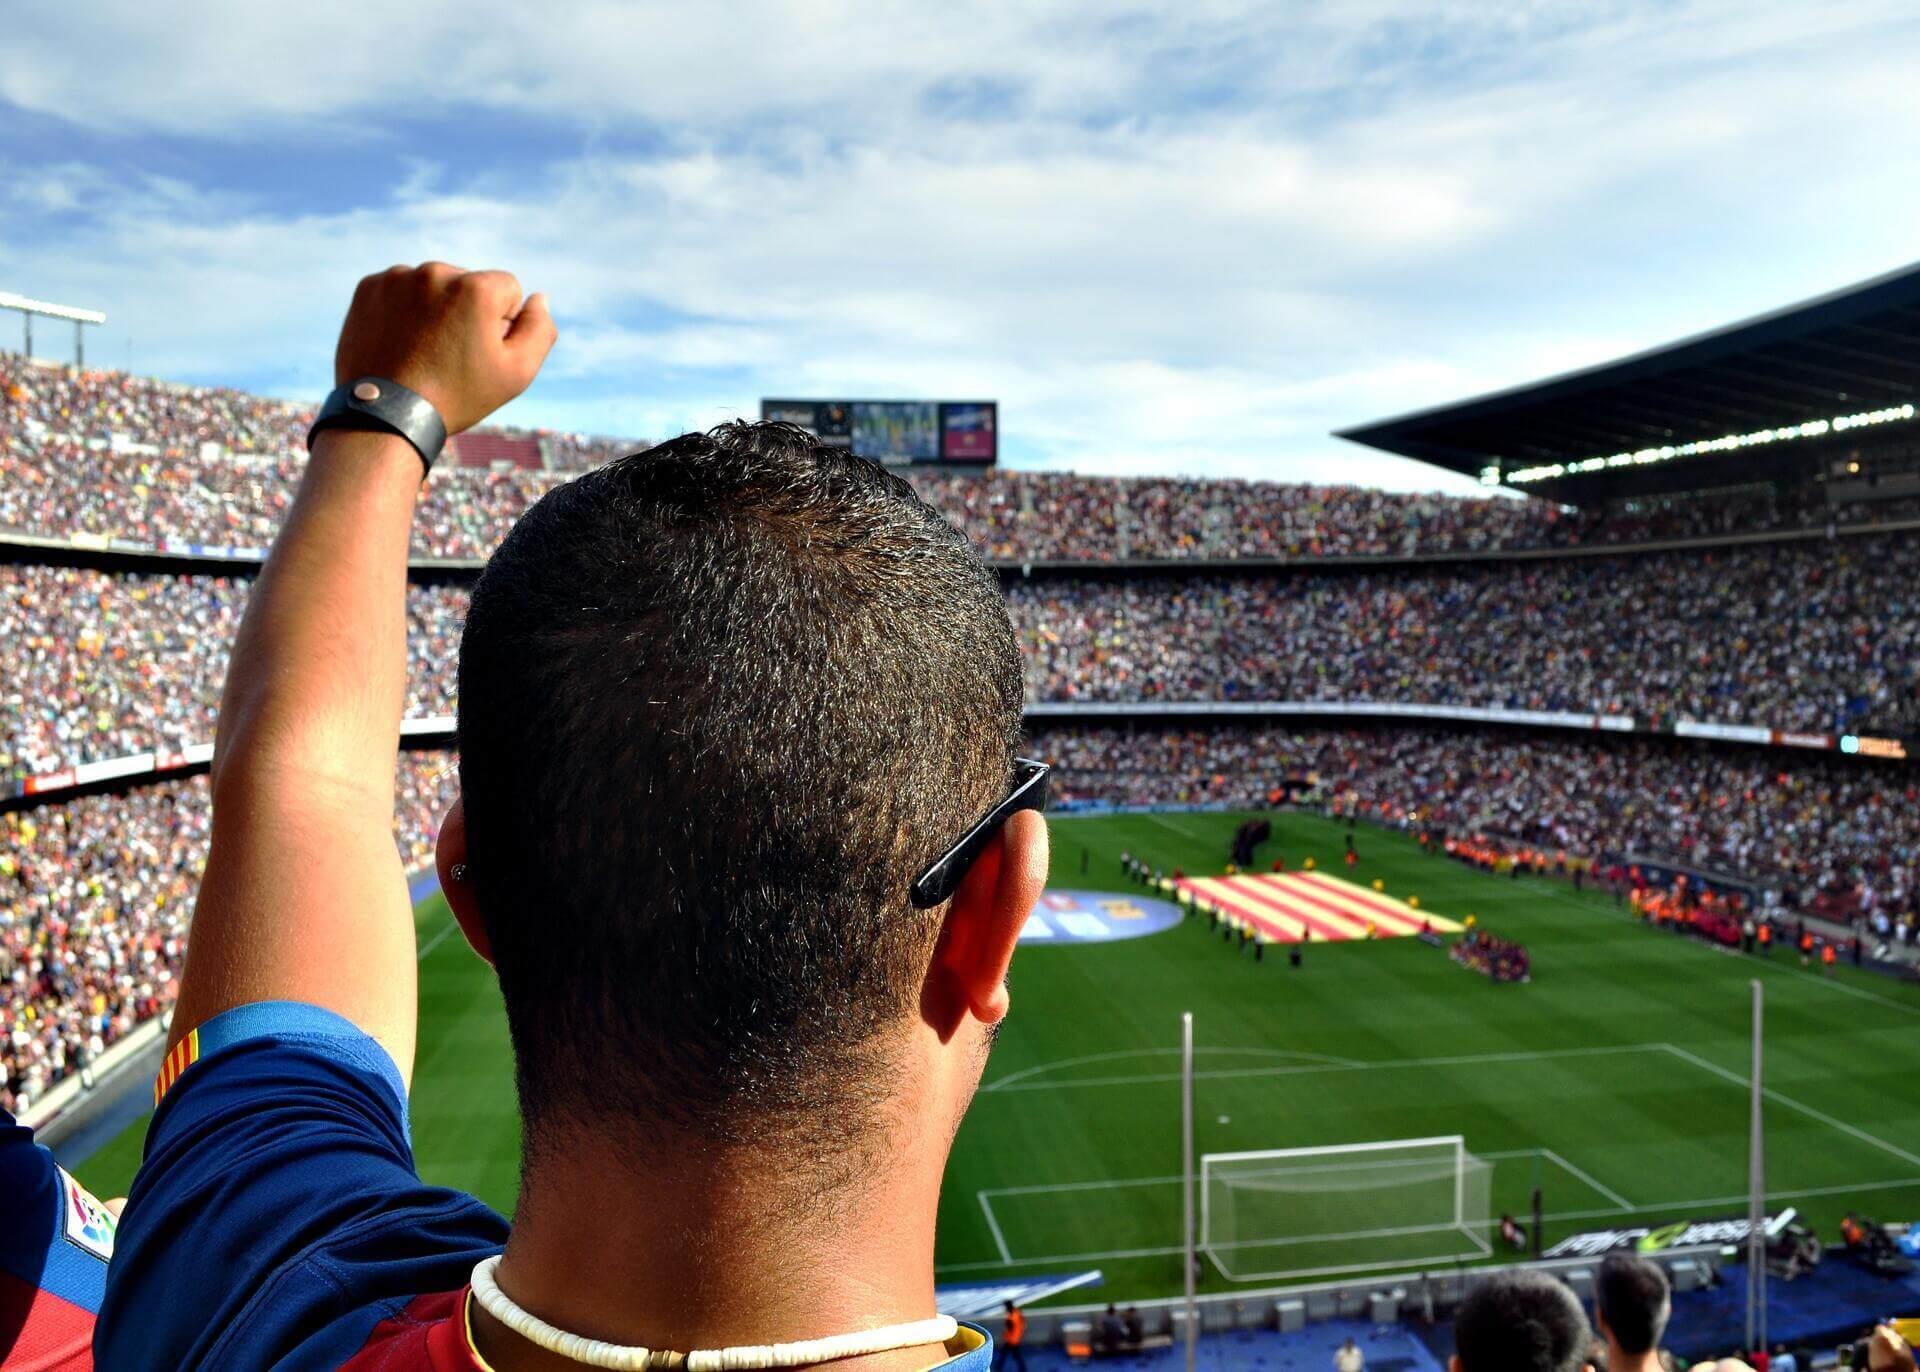 man watching sports game